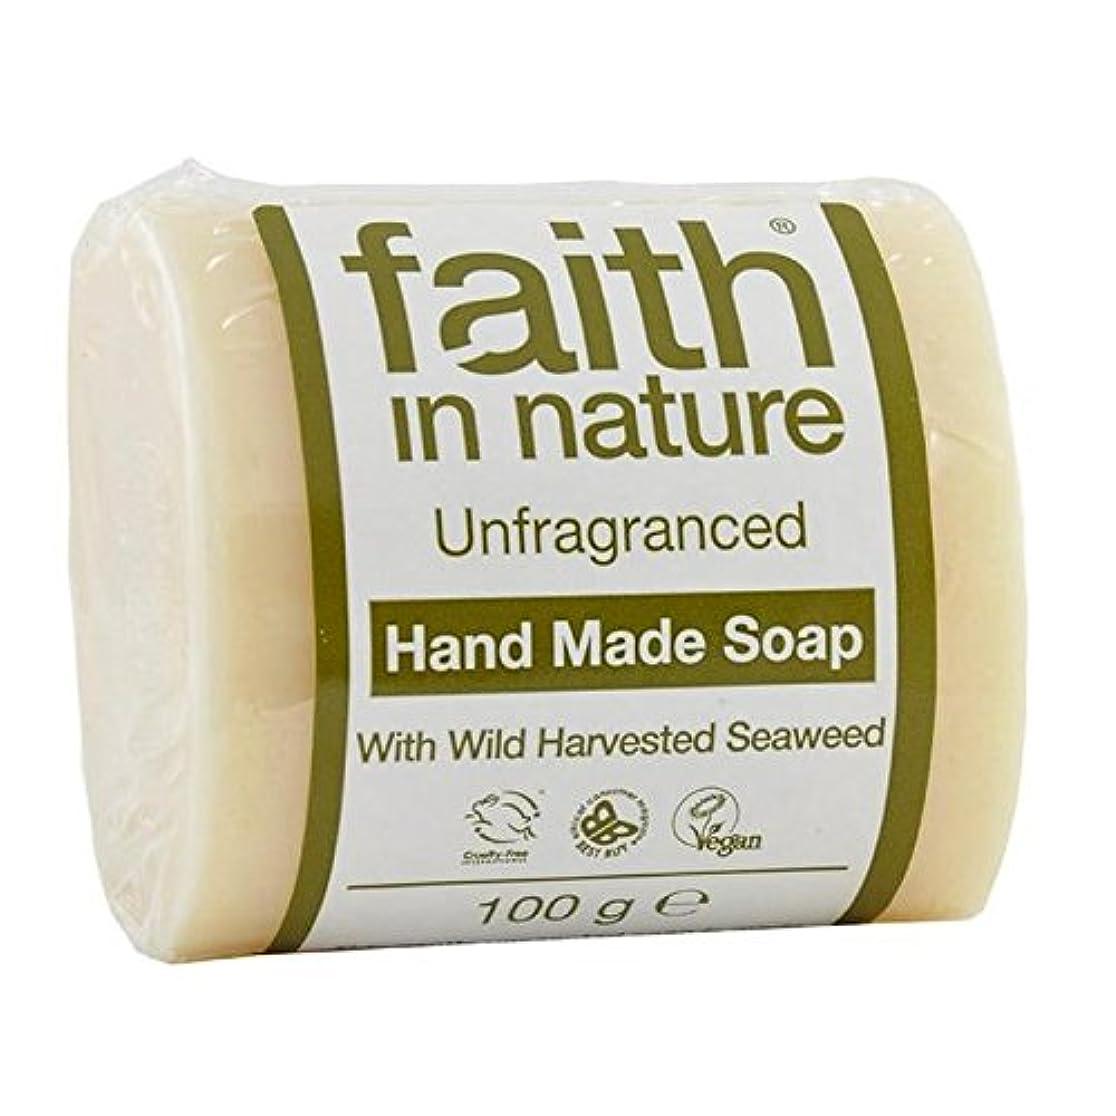 劇場パイ極めて重要なFaith in Nature Unfragranced Pure Hand Made Soap 100g (Pack of 4) - (Faith In Nature) 自然の中で信仰は純粋な手作り石鹸100グラムを無香料...